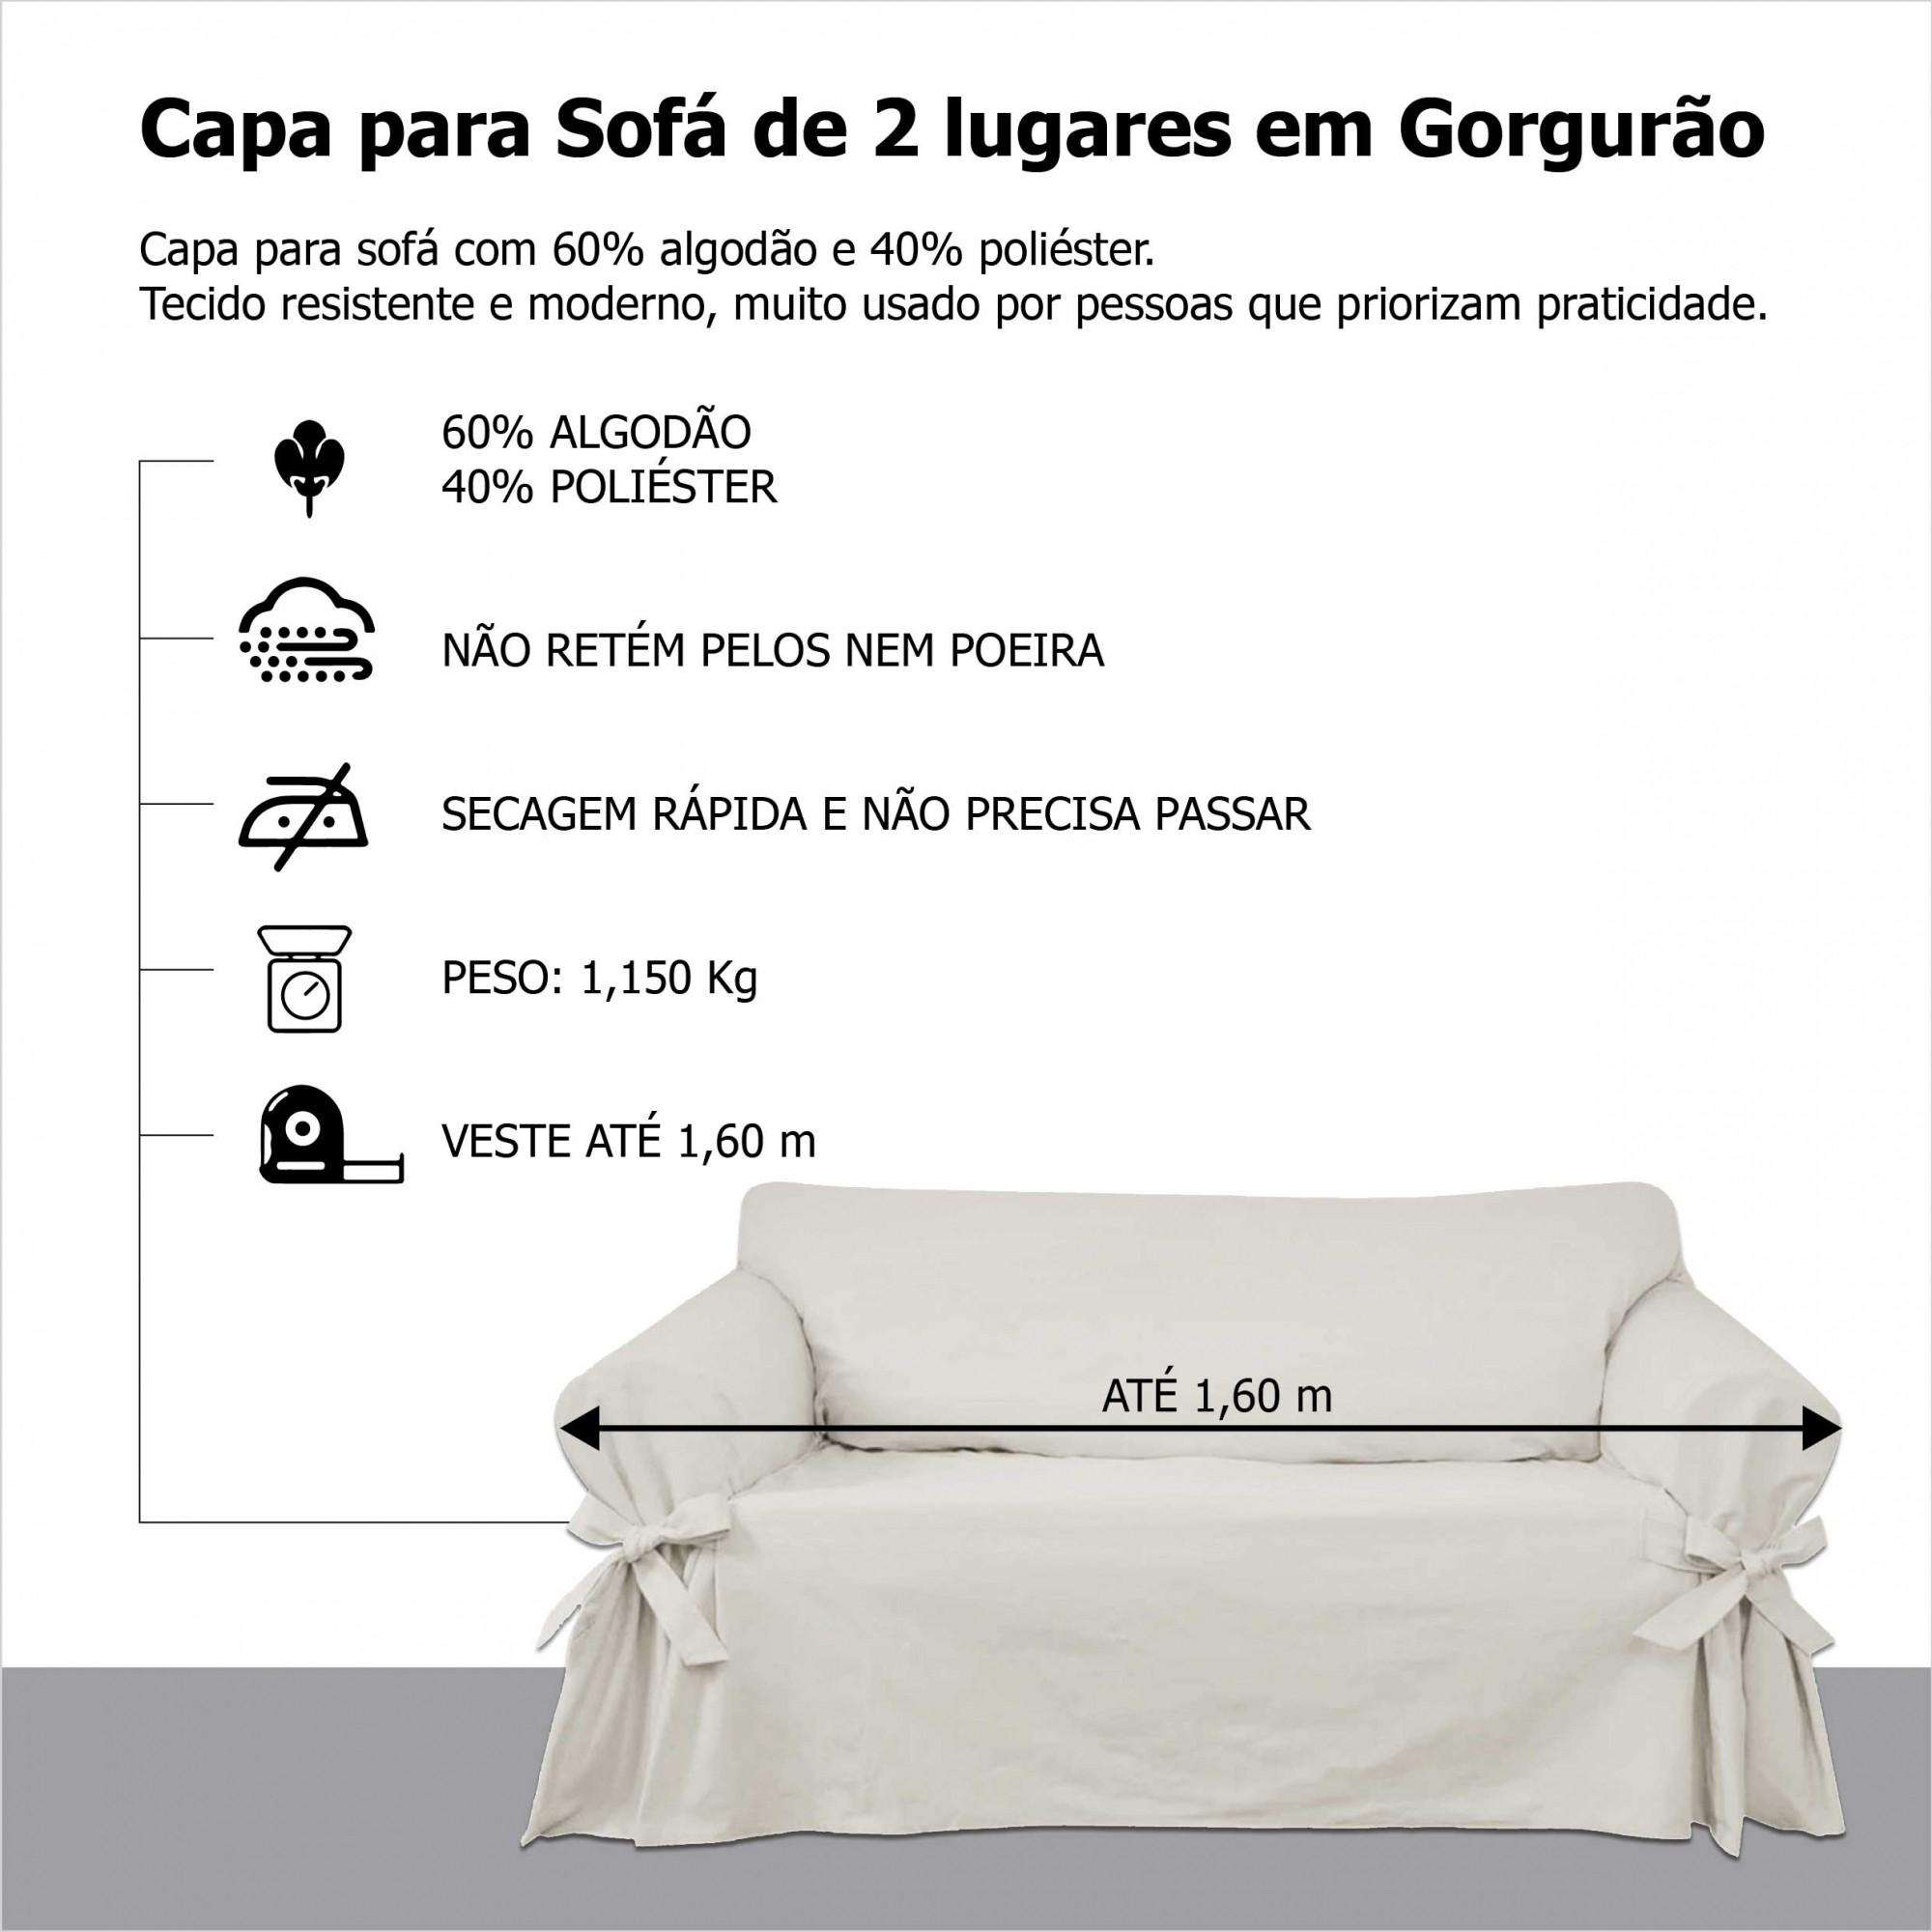 Capa p/ Sofá de 2 Lug BEGE em Gorgurão